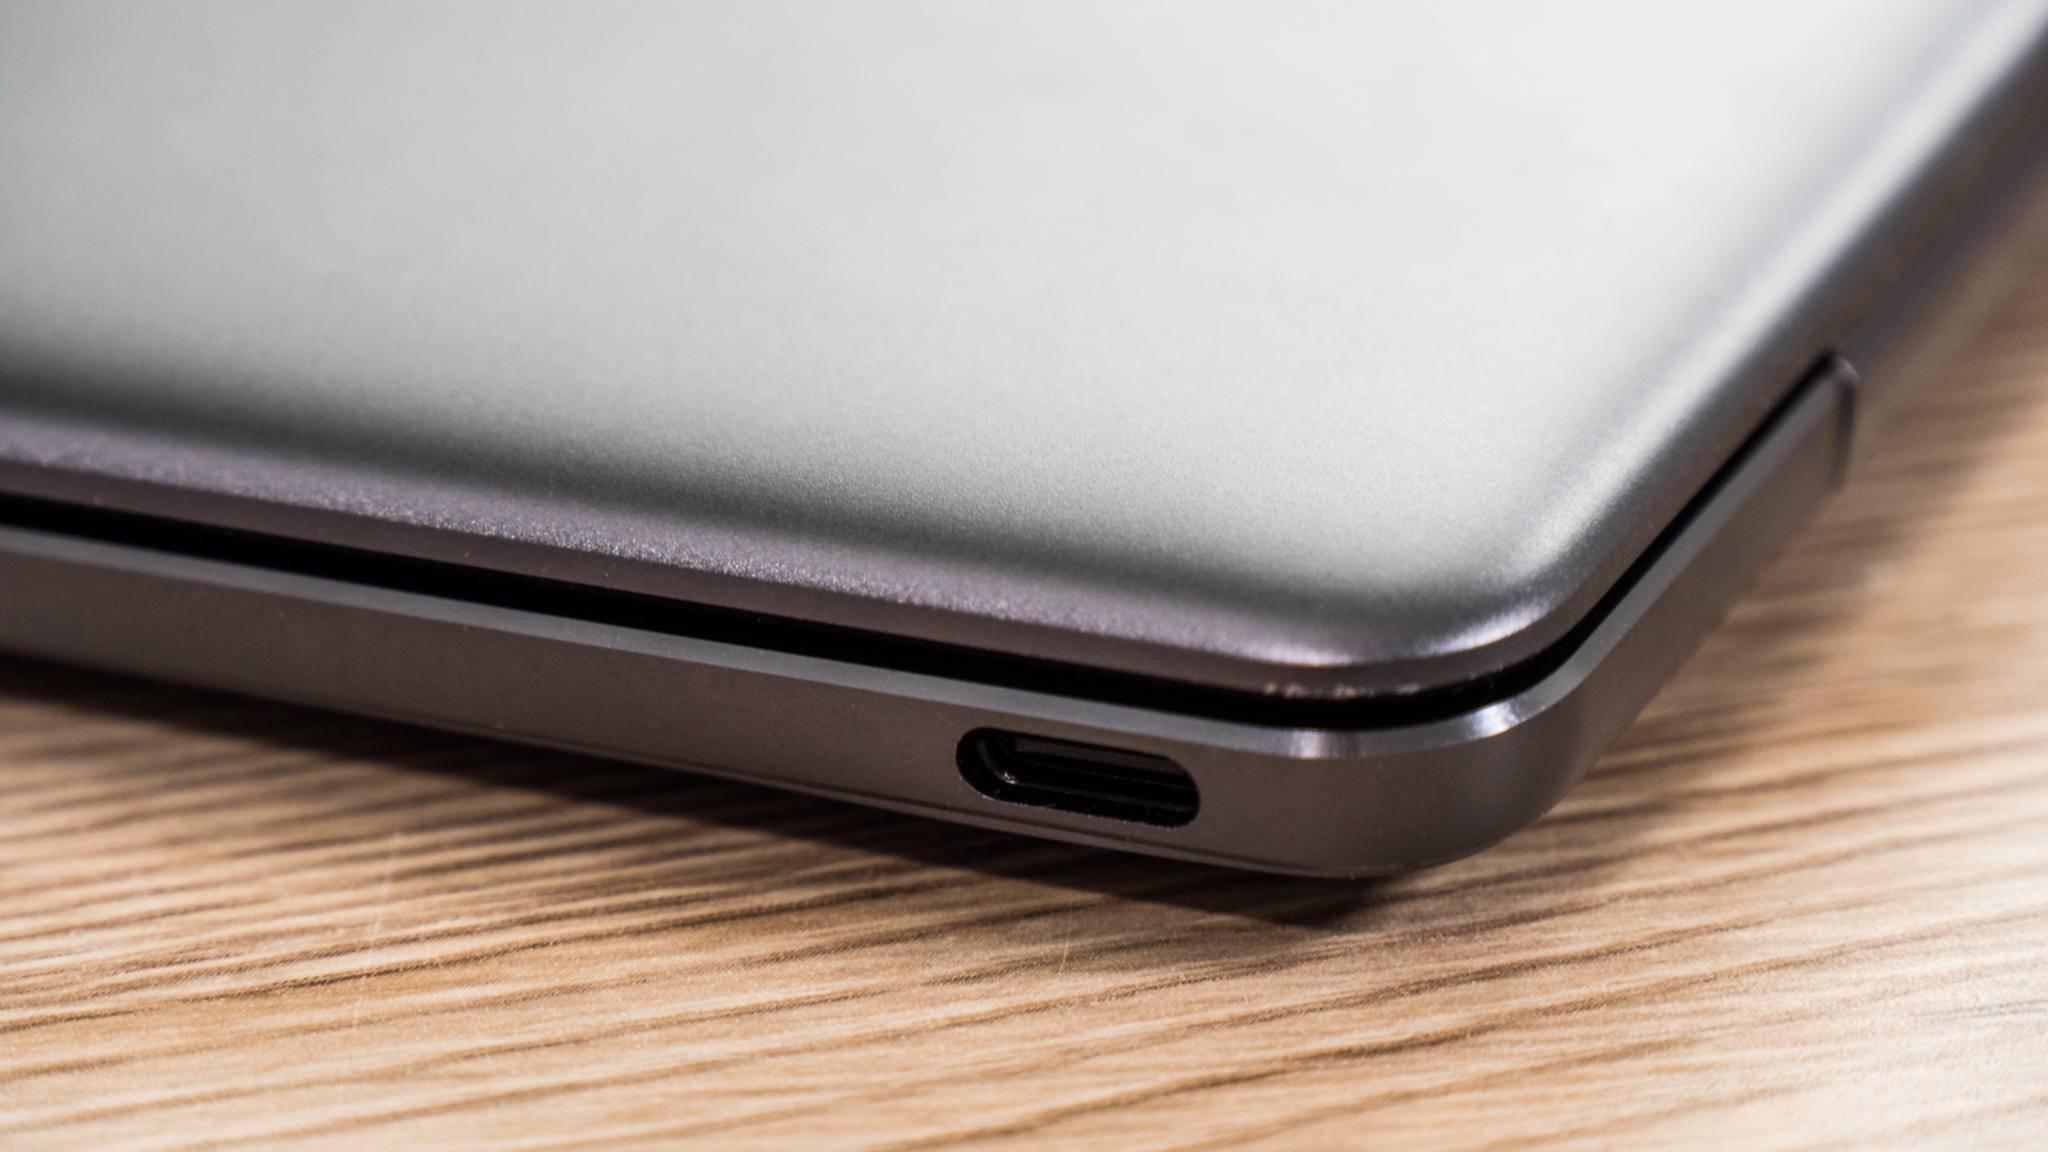 Das MateBook X hat einen sehr stabilen Deckel, aber insgesamt liegt das MacBook (2017) bei der Verarbeitung vorne.